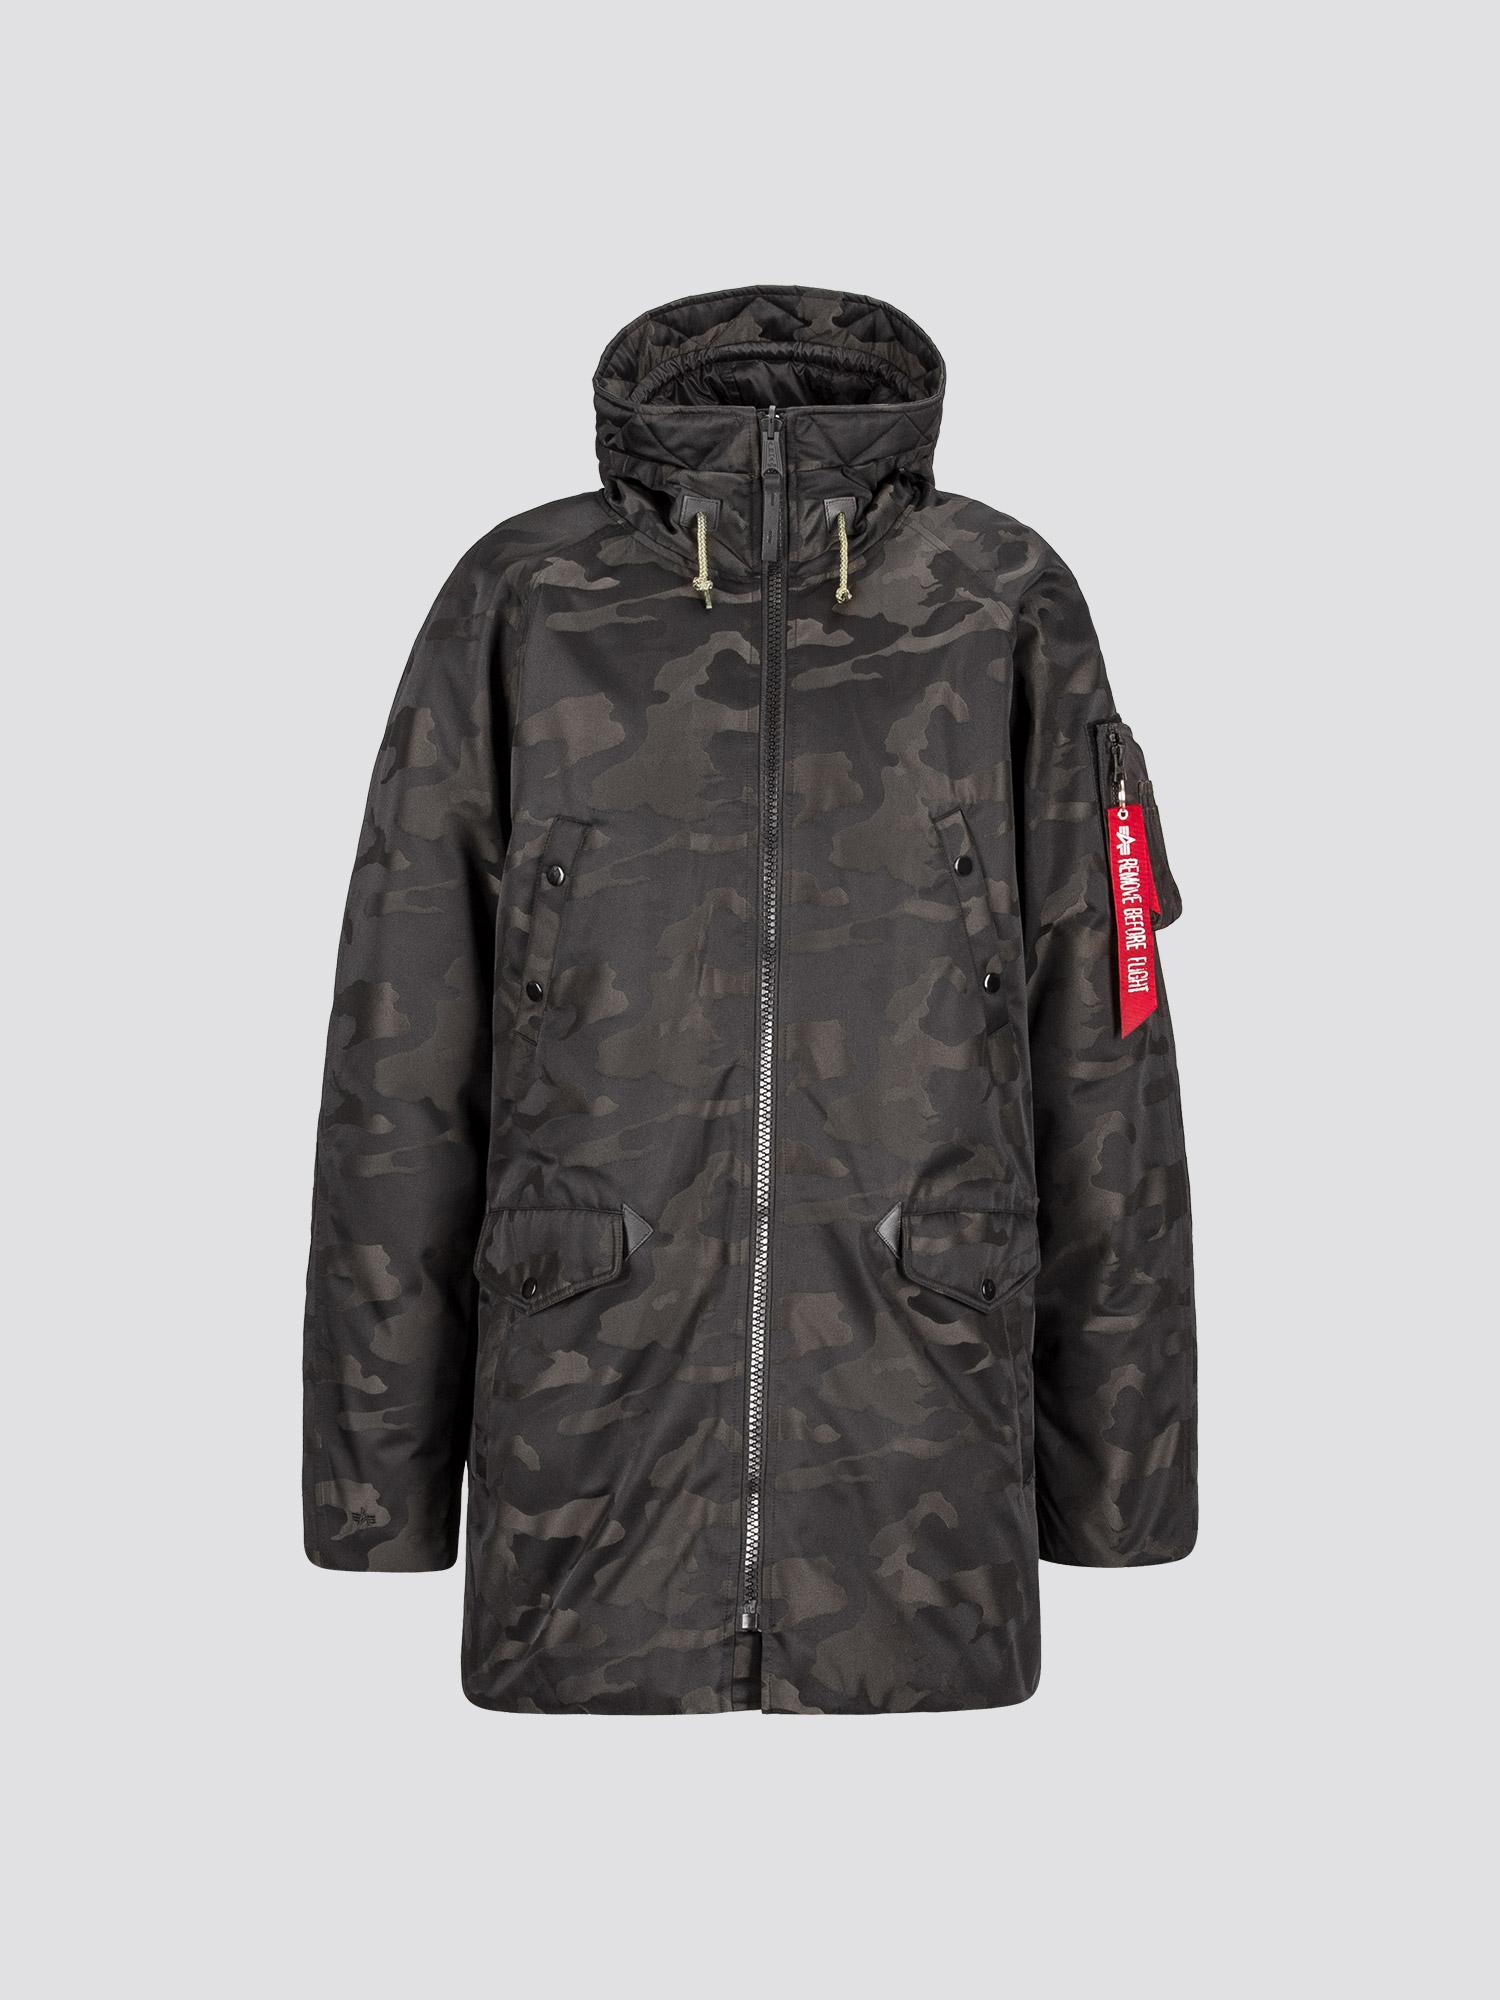 Купить Куртка пуховая мужские модель MJN48503C1_black_camo, Alpha Industries, Черный